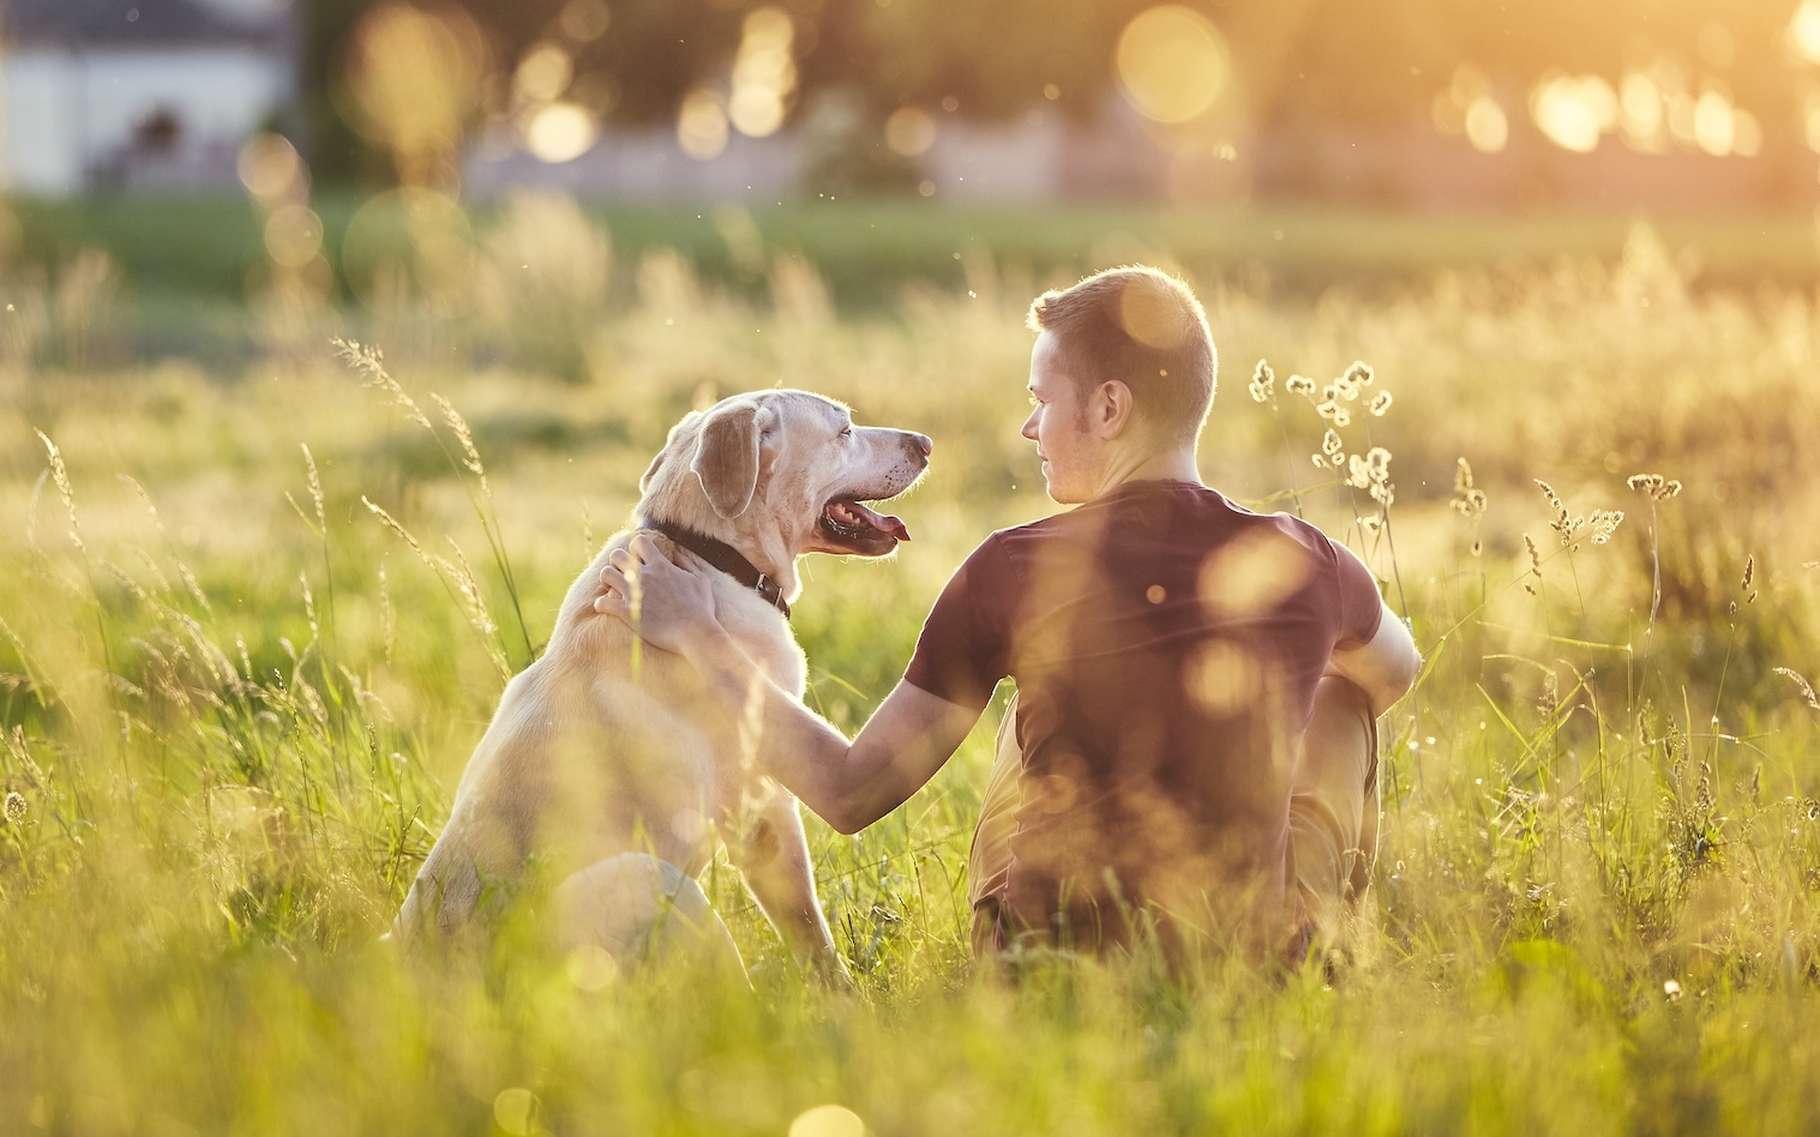 Pour communiquer avec l'être humain, le chien utilise essentiellement le langage corporel et les expressions faciales. Des expressions que les humains doivent apprendre à comprendre, nous expliquent aujourd'hui des chercheurs du Max Planck Institute (Allemagne). © chalabala, Adobe Stock